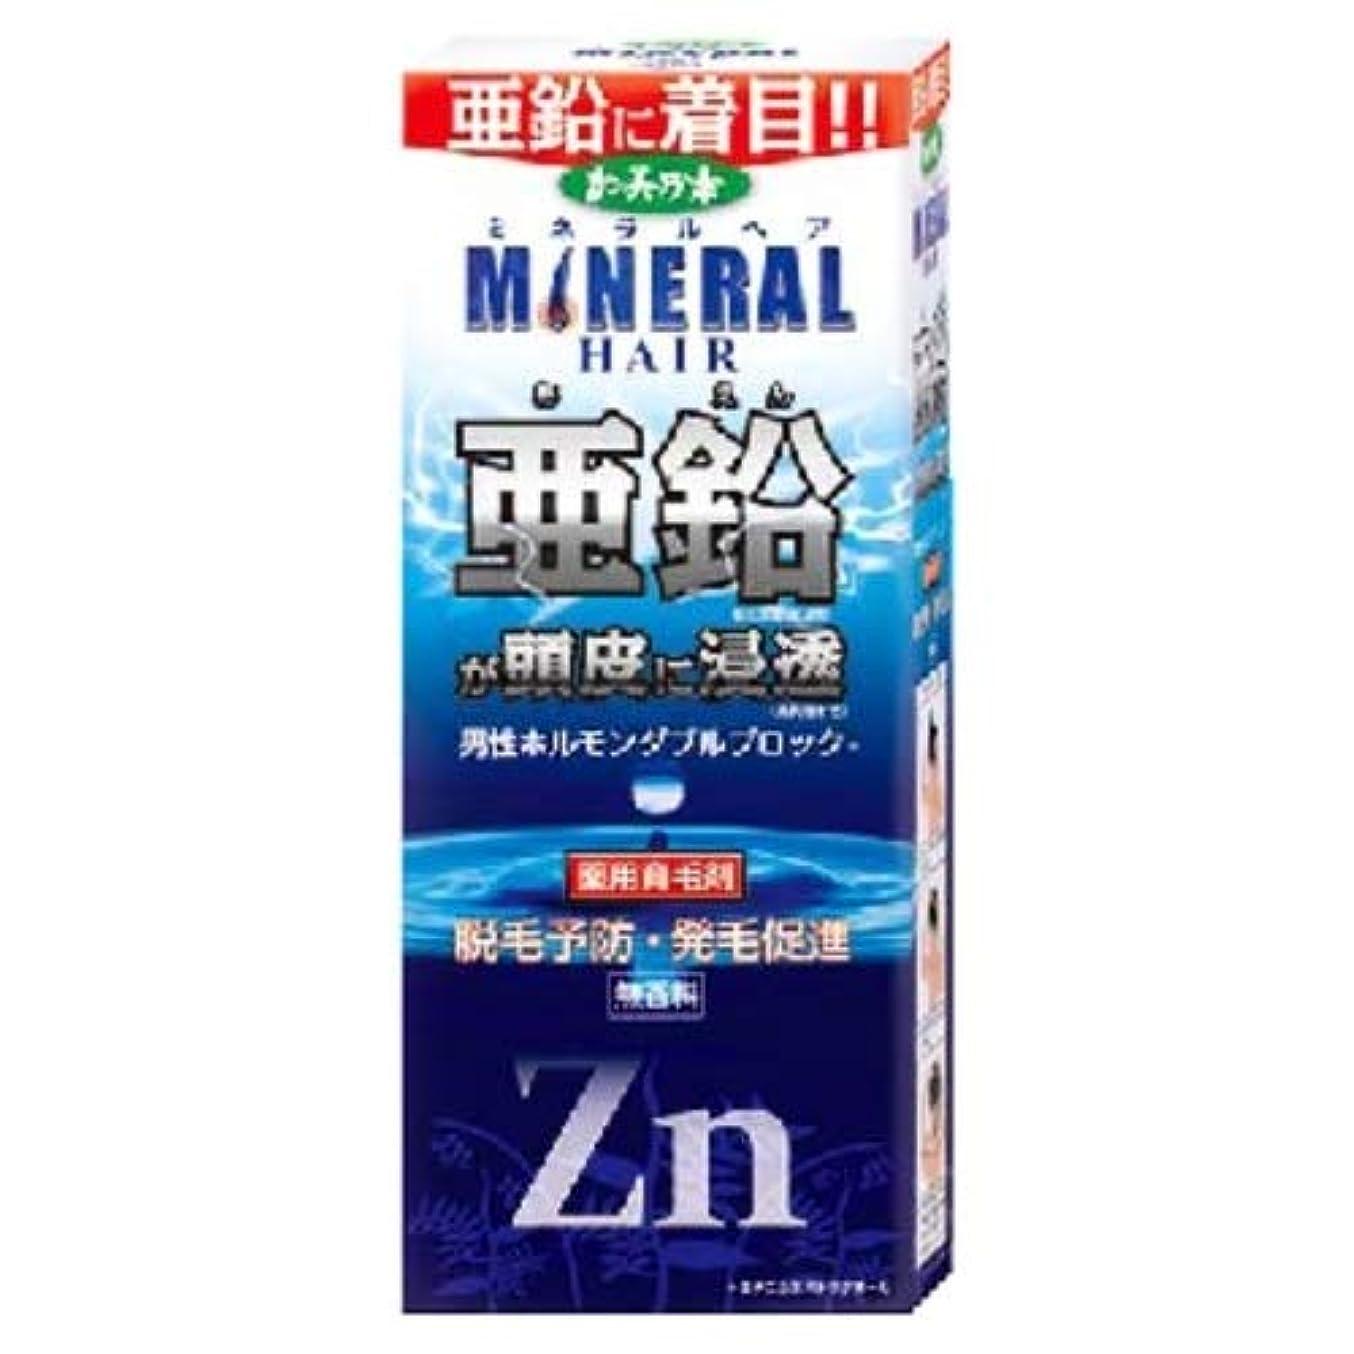 端究極の研究所薬用加美乃素 ミネラルヘア 育毛剤 180mL (医薬部外品)